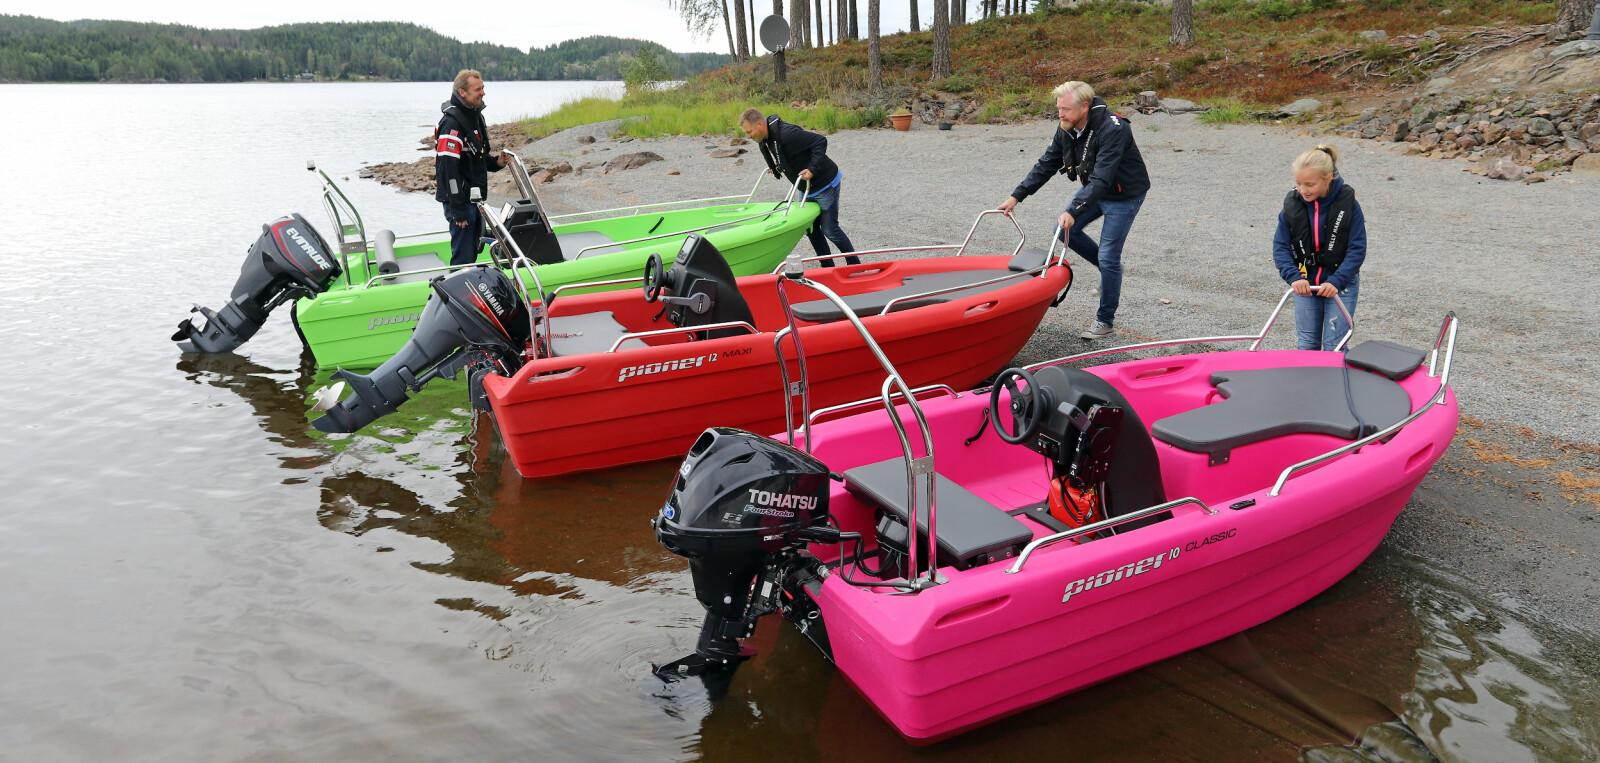 FARGERIKE: For svært mange er båtlivet blitt introdusert med Pioner, som er en norsk suksesshistorie. Og det er ingen fare for at Norge gråner med disse tre Pioner-utgavene på stranda. Og ja, du kan få dem i mindre oppsiktsvekkende versjoner også.